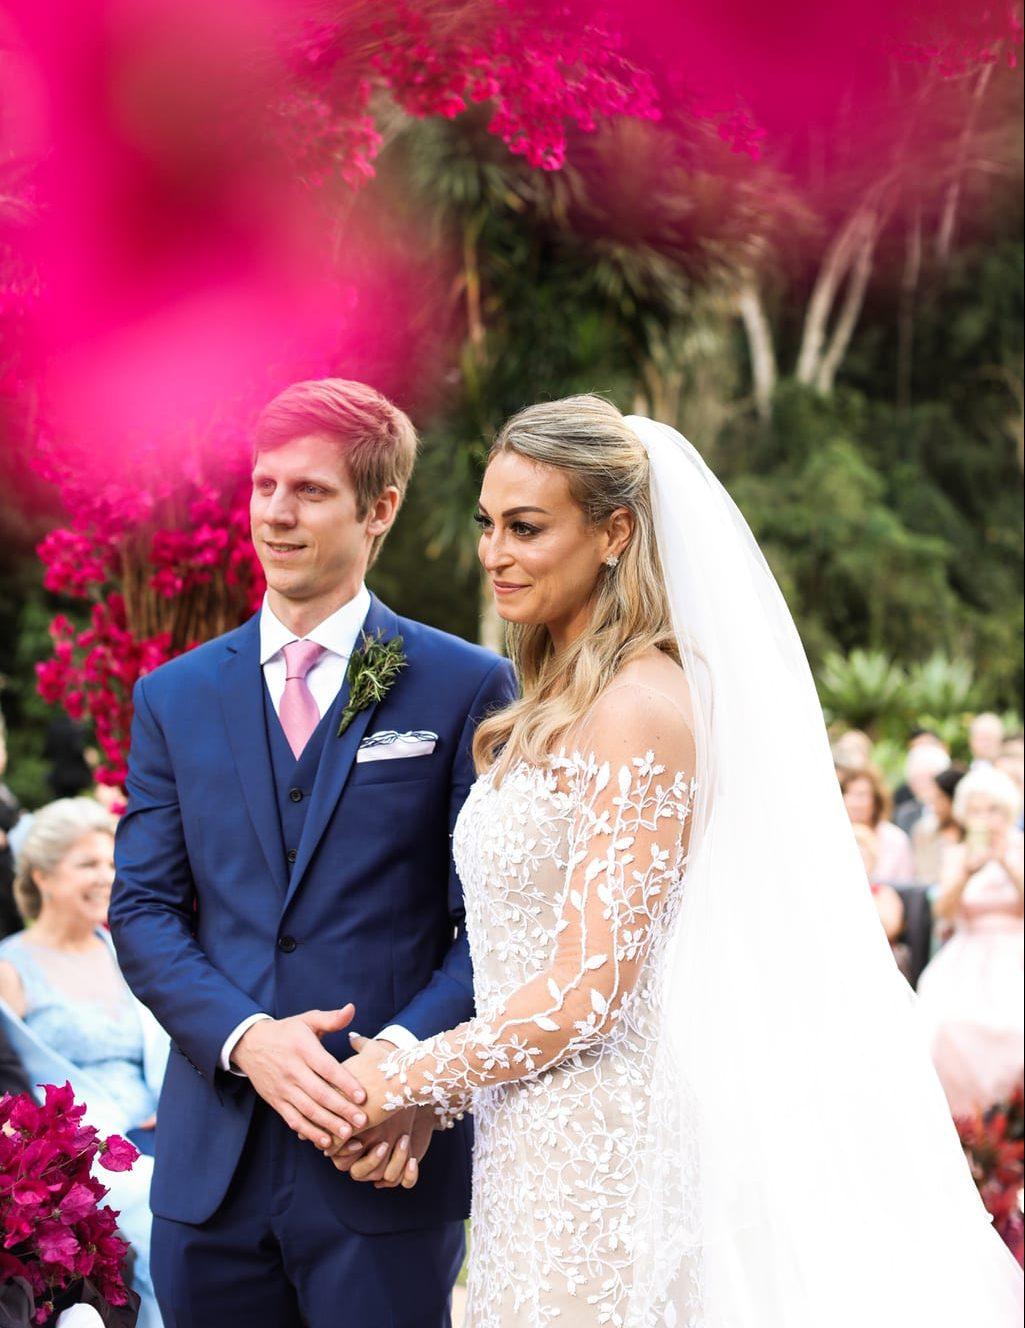 casamento-Pilar-e-Erick-casamento-no-campo-casamento-na-serra-Fotografia-Ana-Junqueira-Rio-de-Janeiro1-1-e1545162010297